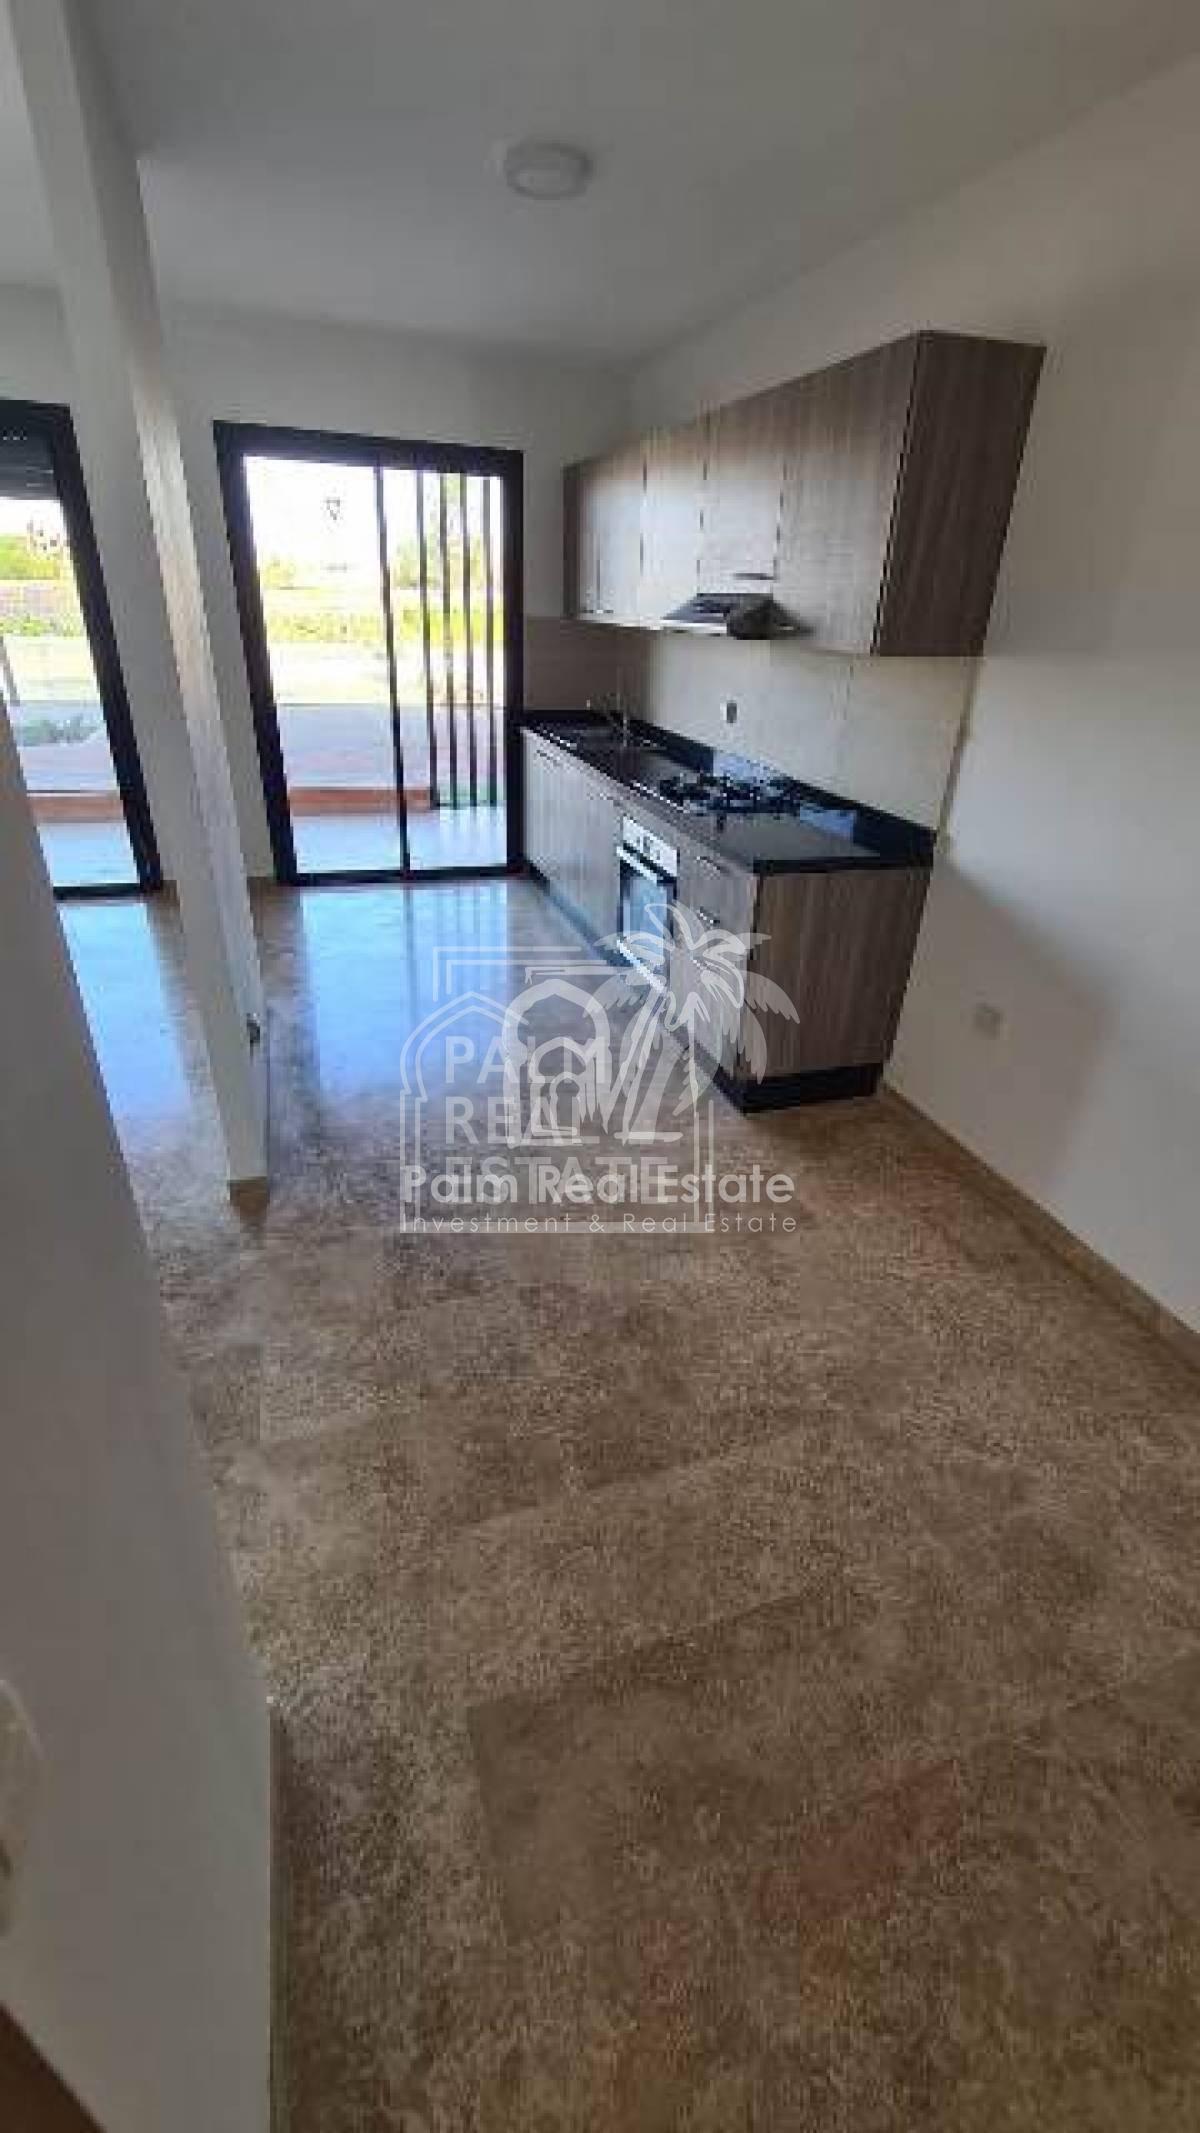 magnifique appartement a vendre